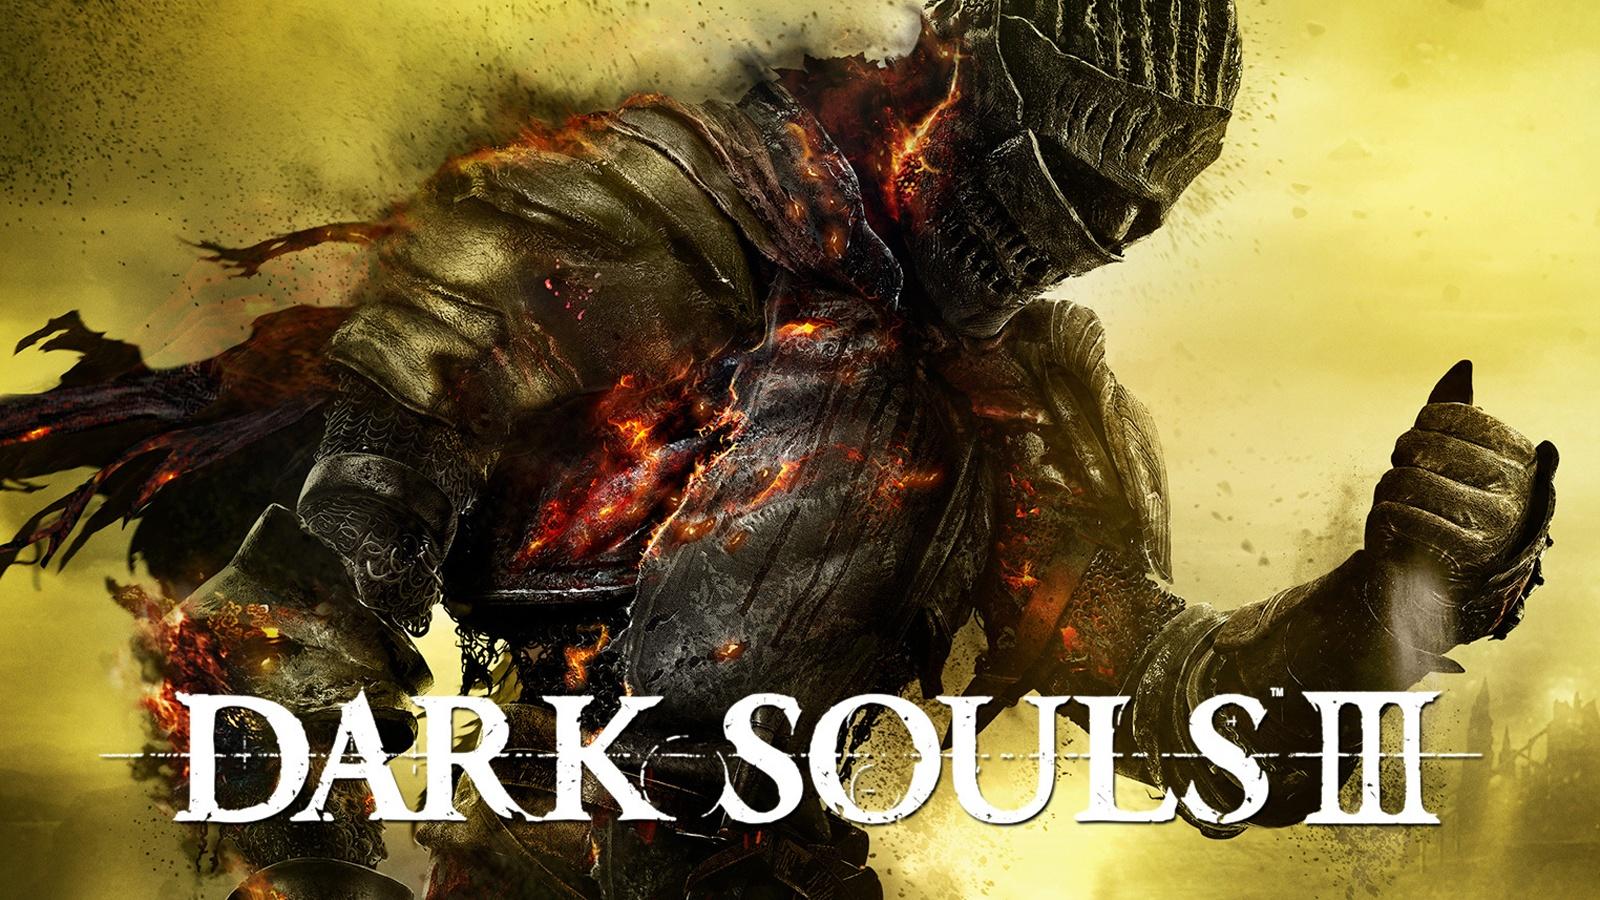 dark souls 3 ps4 xbox one pc uscita 12 aprile 2016_1